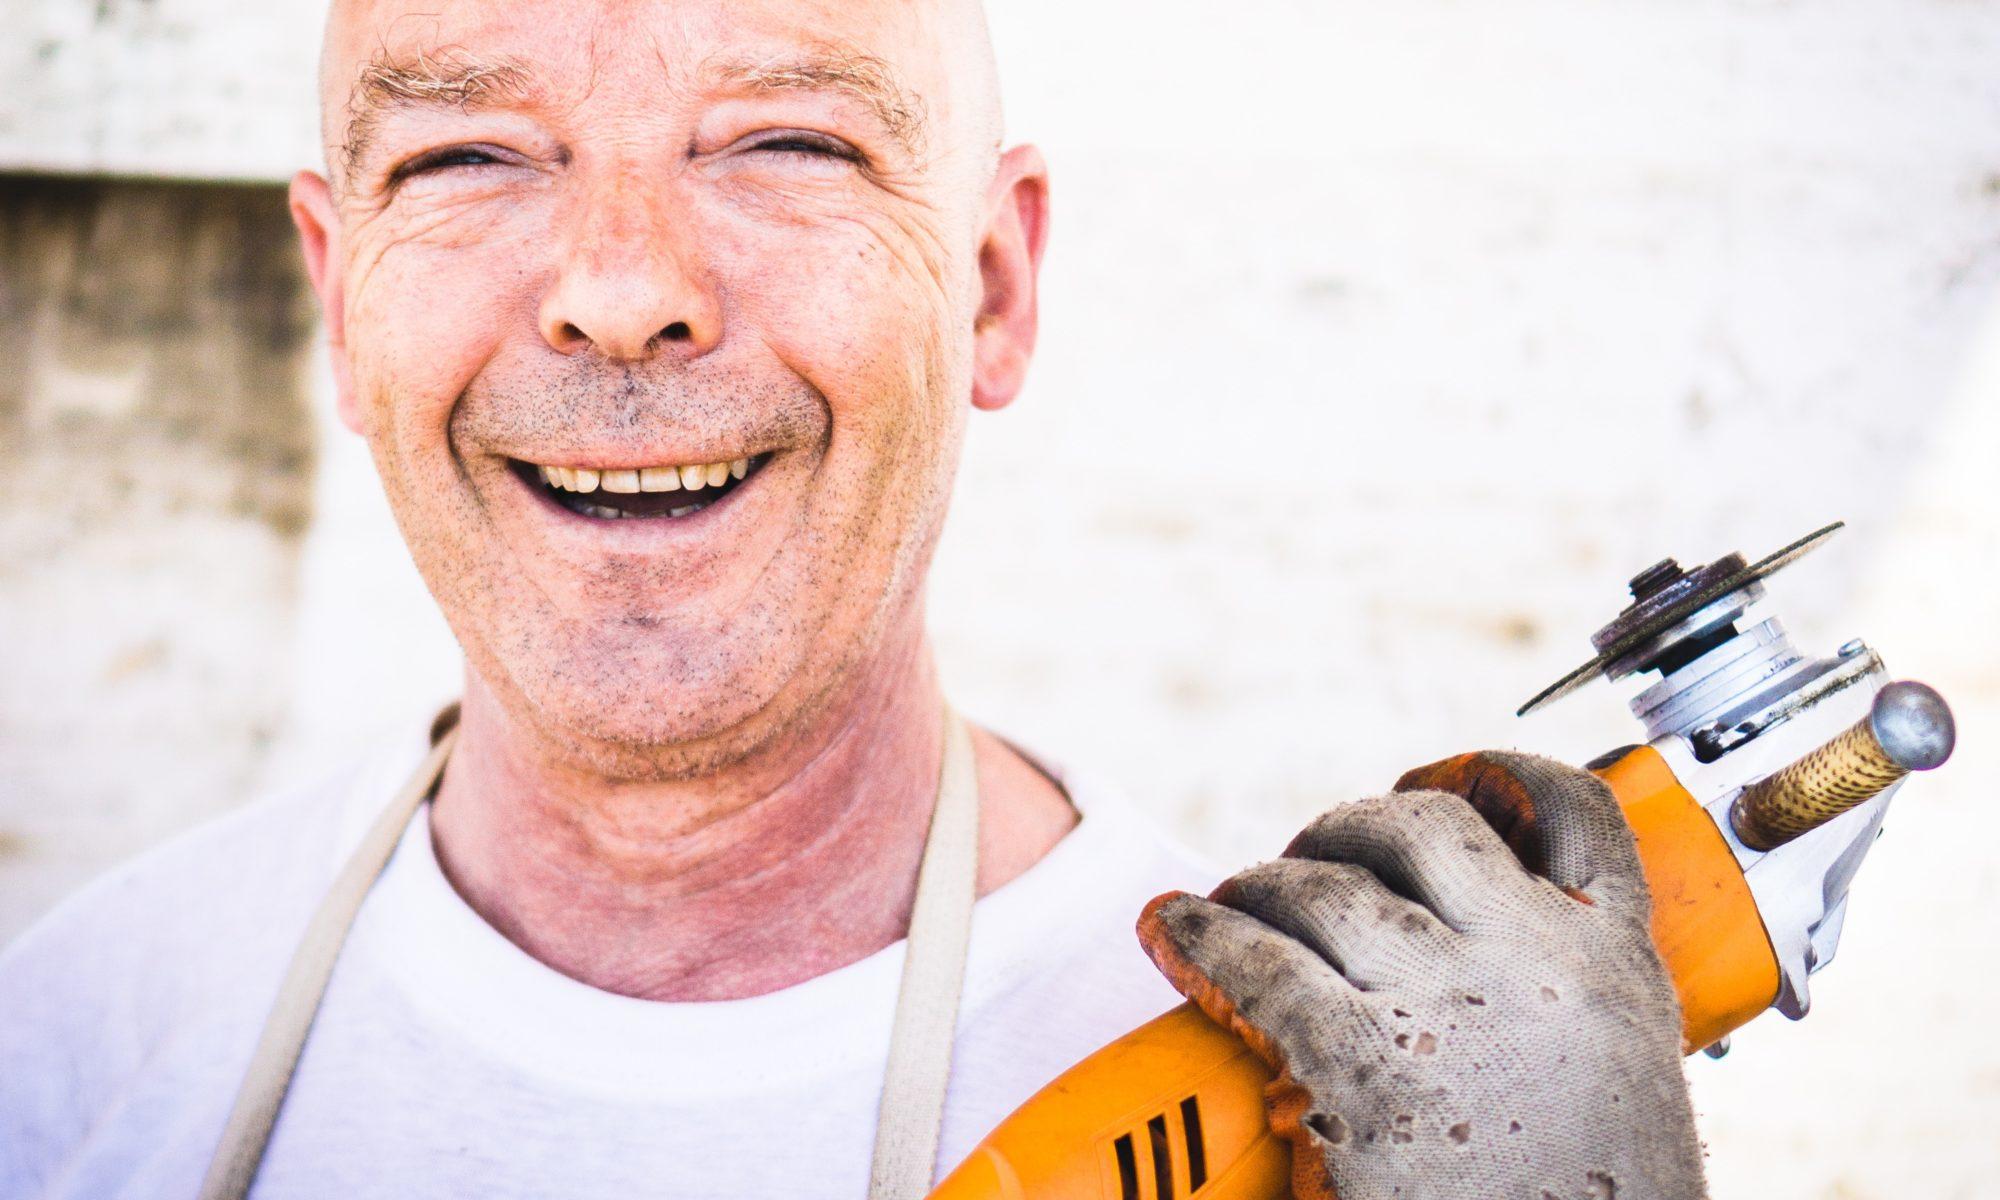 lächelnder älterer Mann mit Werkzeug in der hand